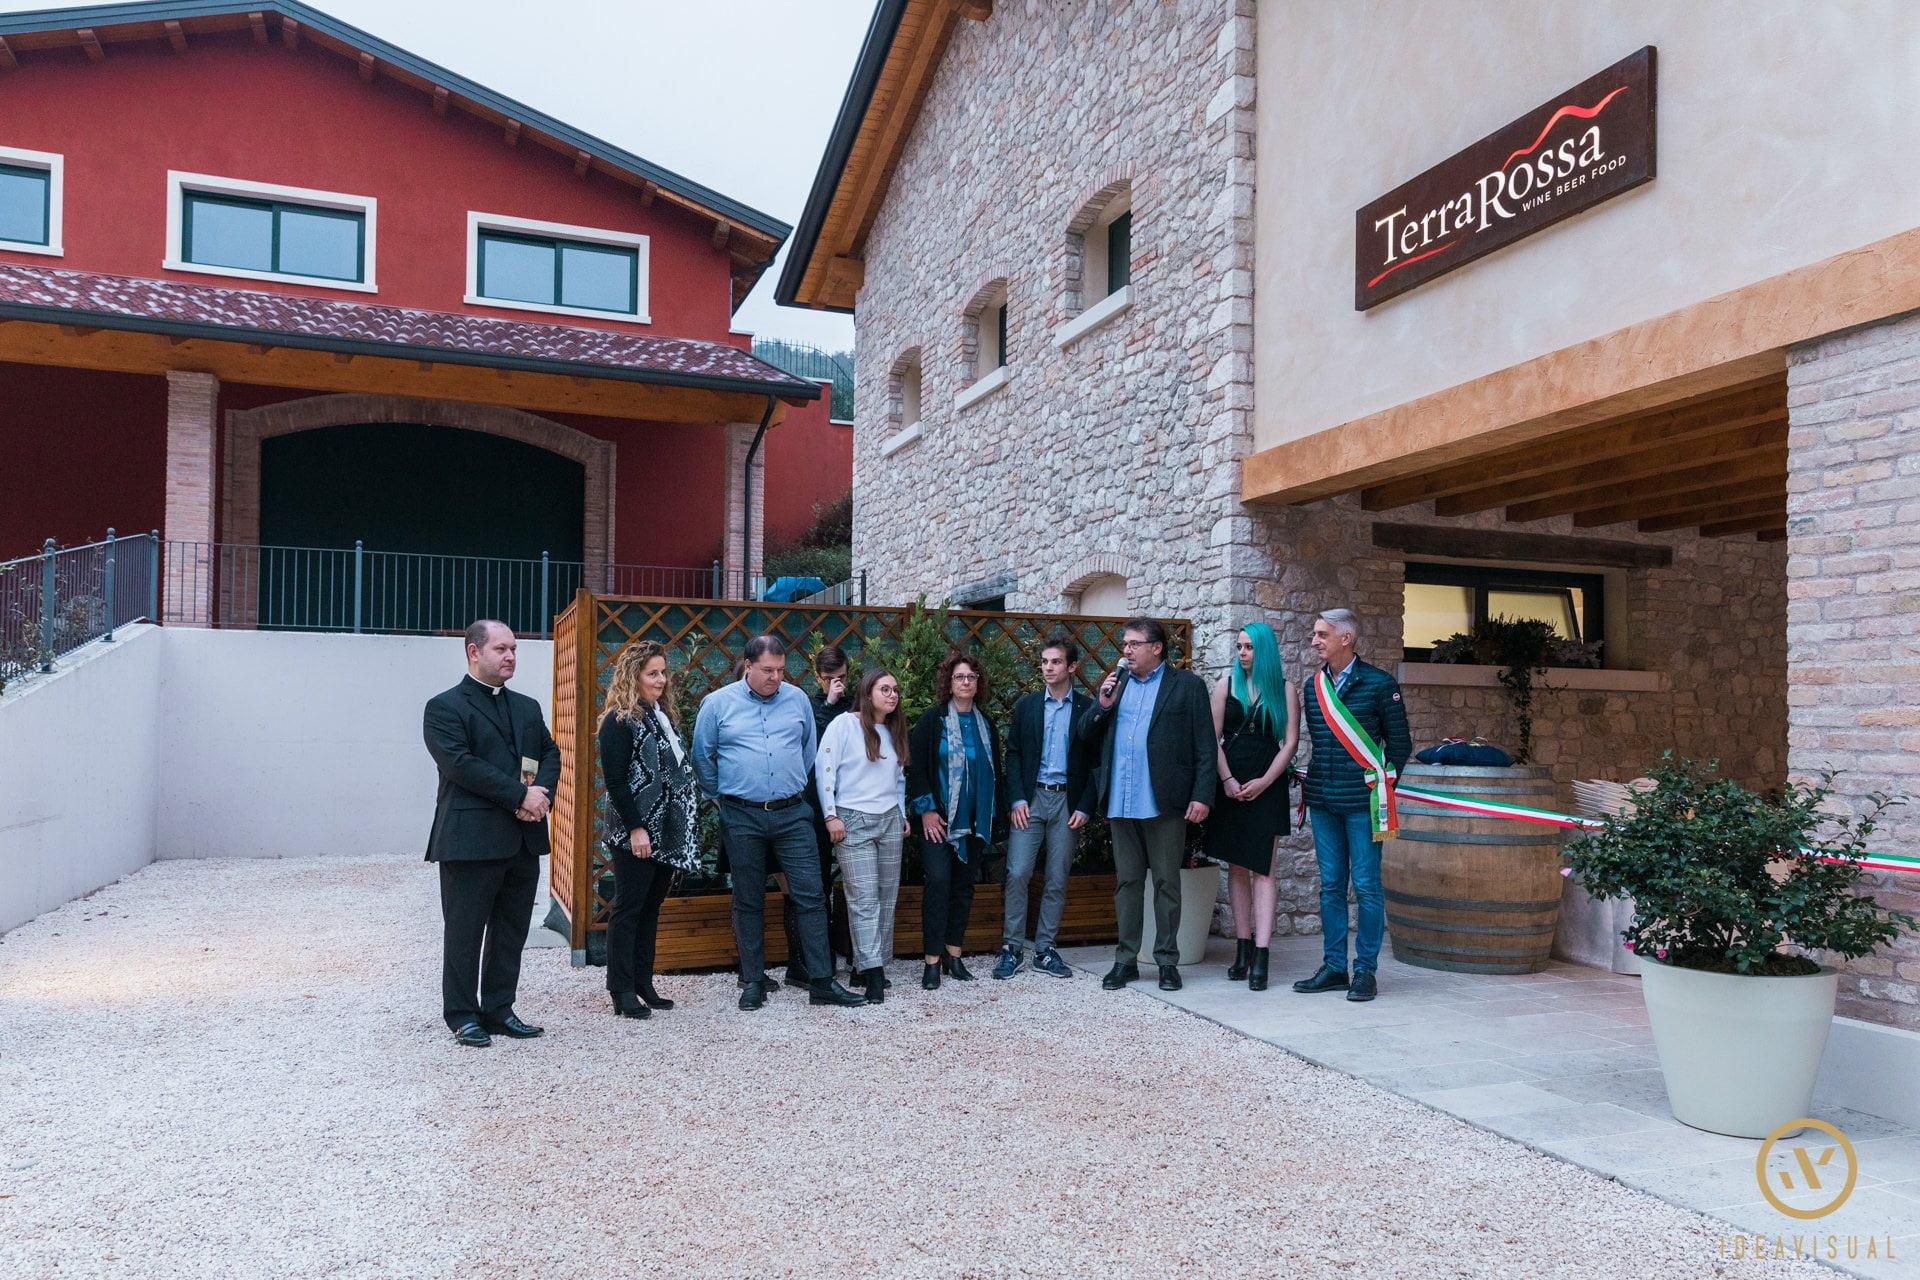 reportage-fotografico-per-inaugurazione-ristorante